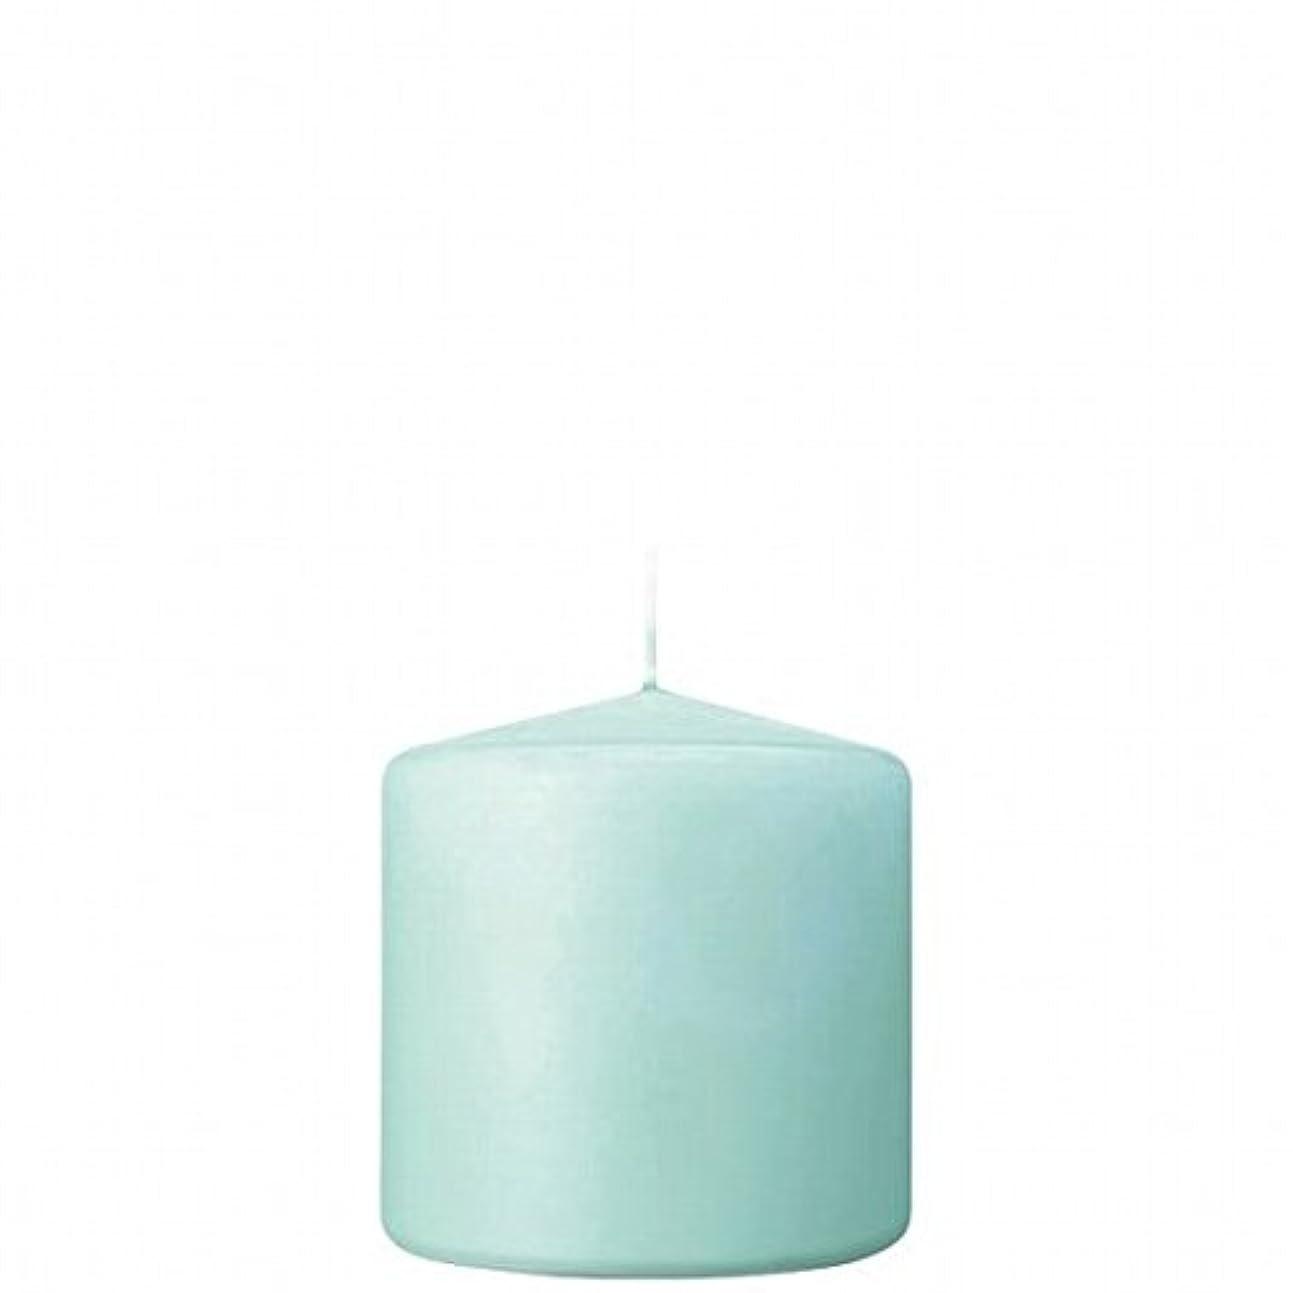 政策解任であることkameyama candle(カメヤマキャンドル) 3×3ベルトップピラーキャンドル 「 ライトブルー 」(A9730000LB)